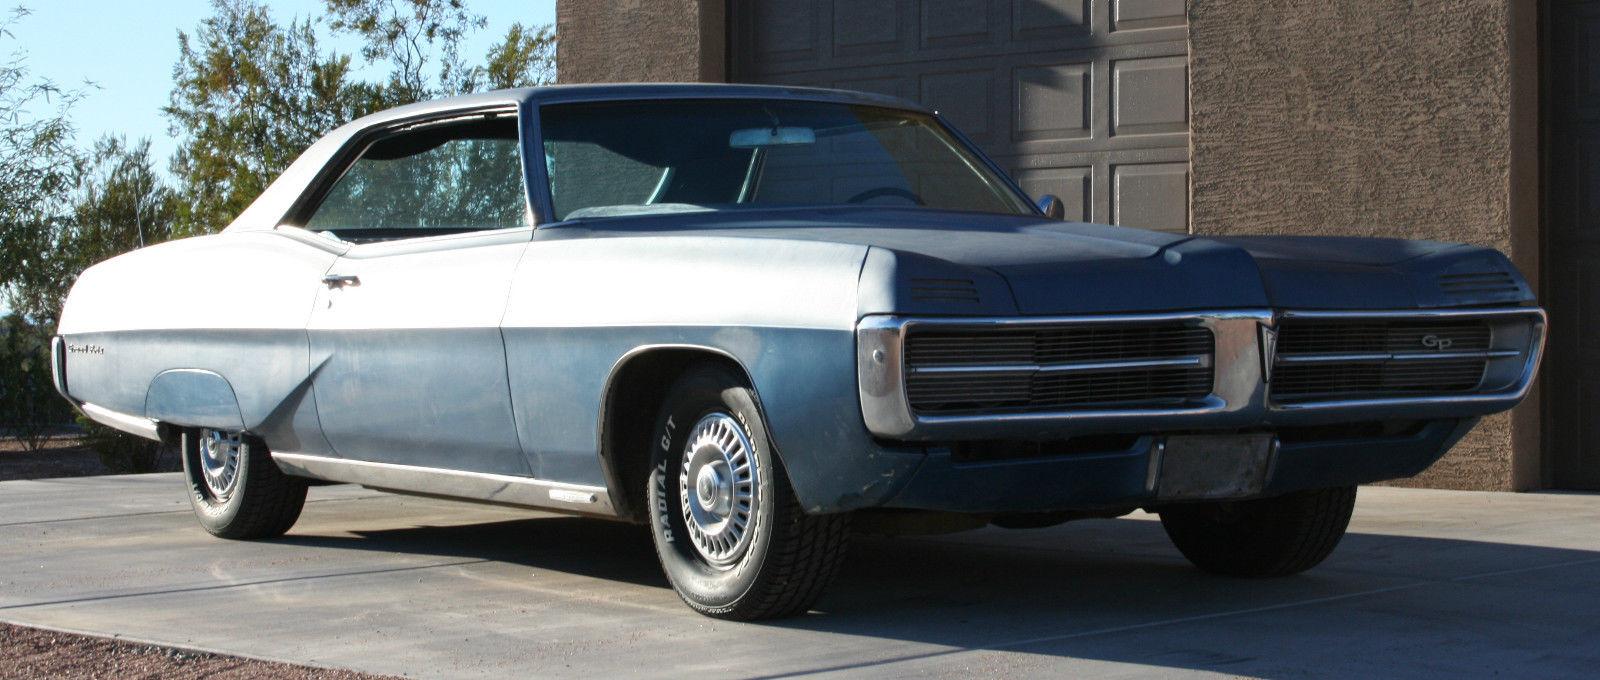 Pontiac pontiac gxp specs : 1967 Pontiac Grand Prix. Numbers Matching. 53,000 original miles ...